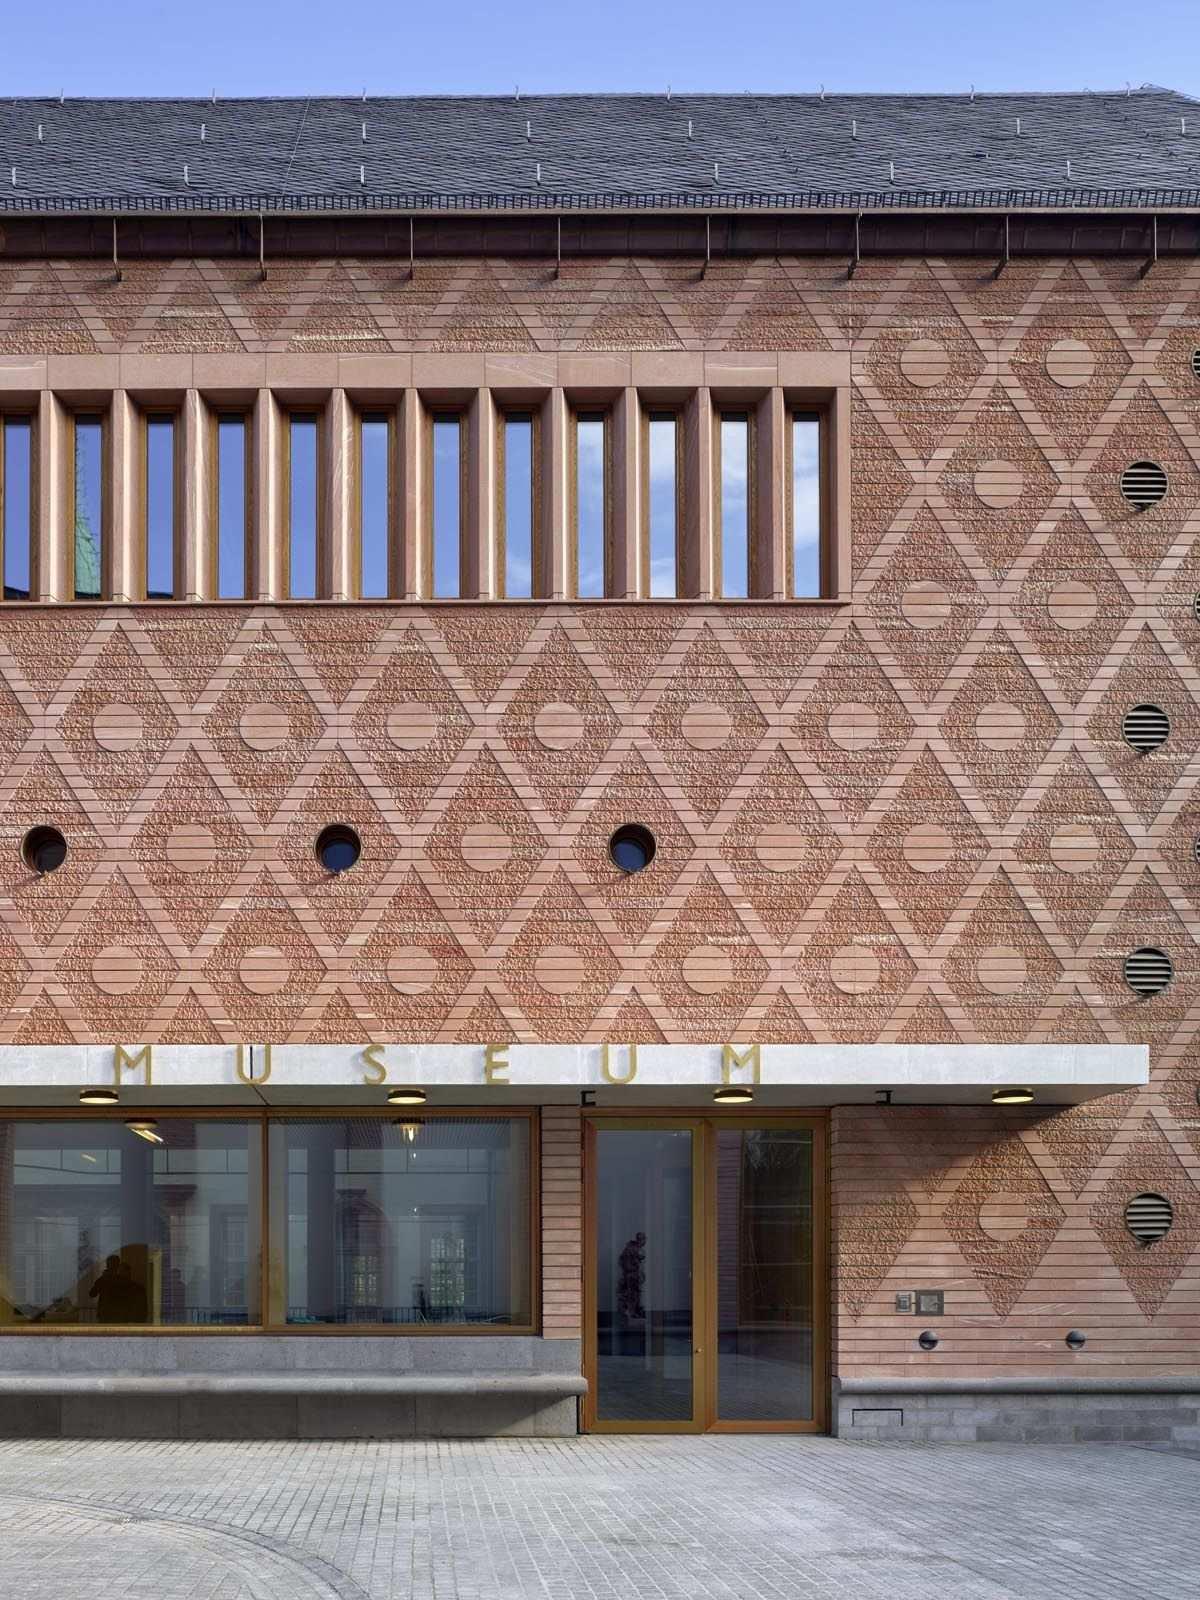 Neues Historisches Museum Frankfurt Von Lederer Ragnarsdottir Oei Stylepark Museum Frankfurt Moderne Architektur Architektur